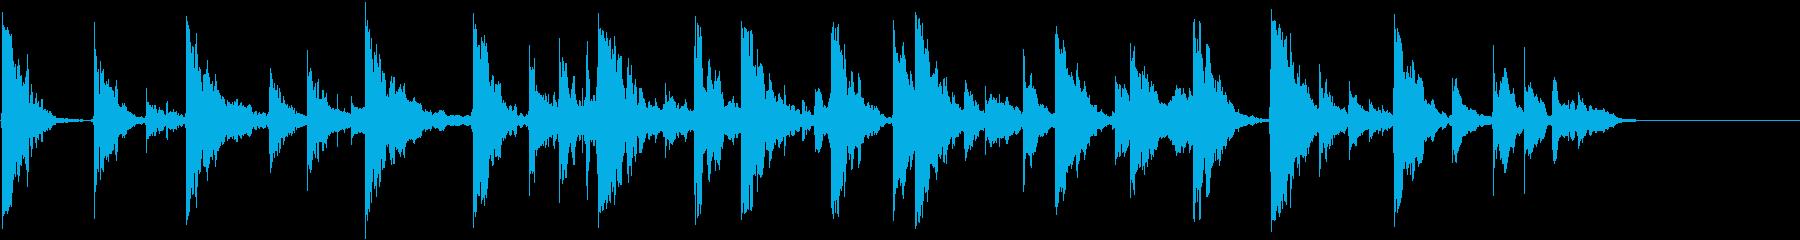 複数の7.62 X 51 MM N...の再生済みの波形